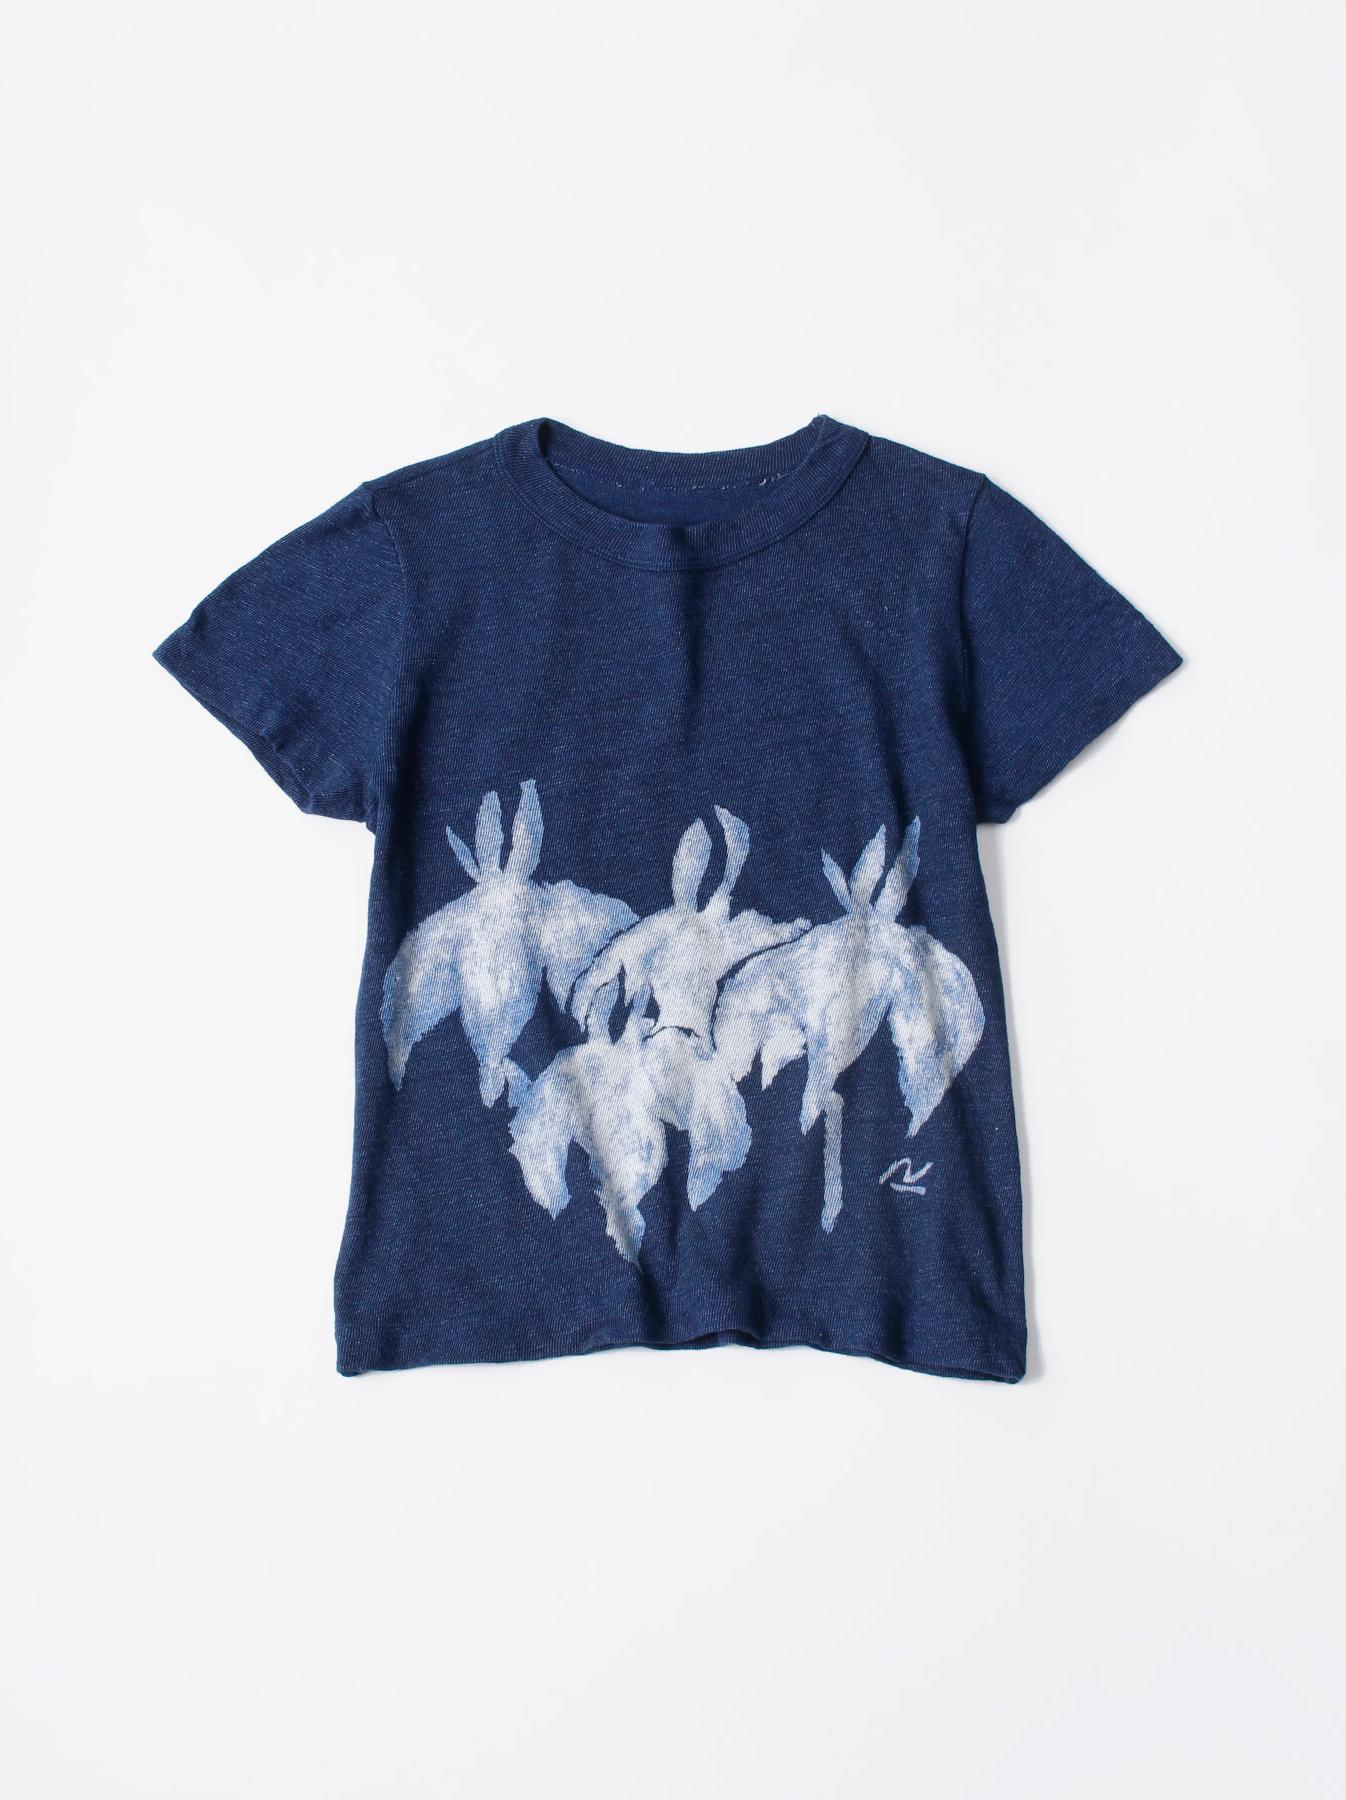 WH Indigo Saijiki Tango-no-sekku T-shirt-1